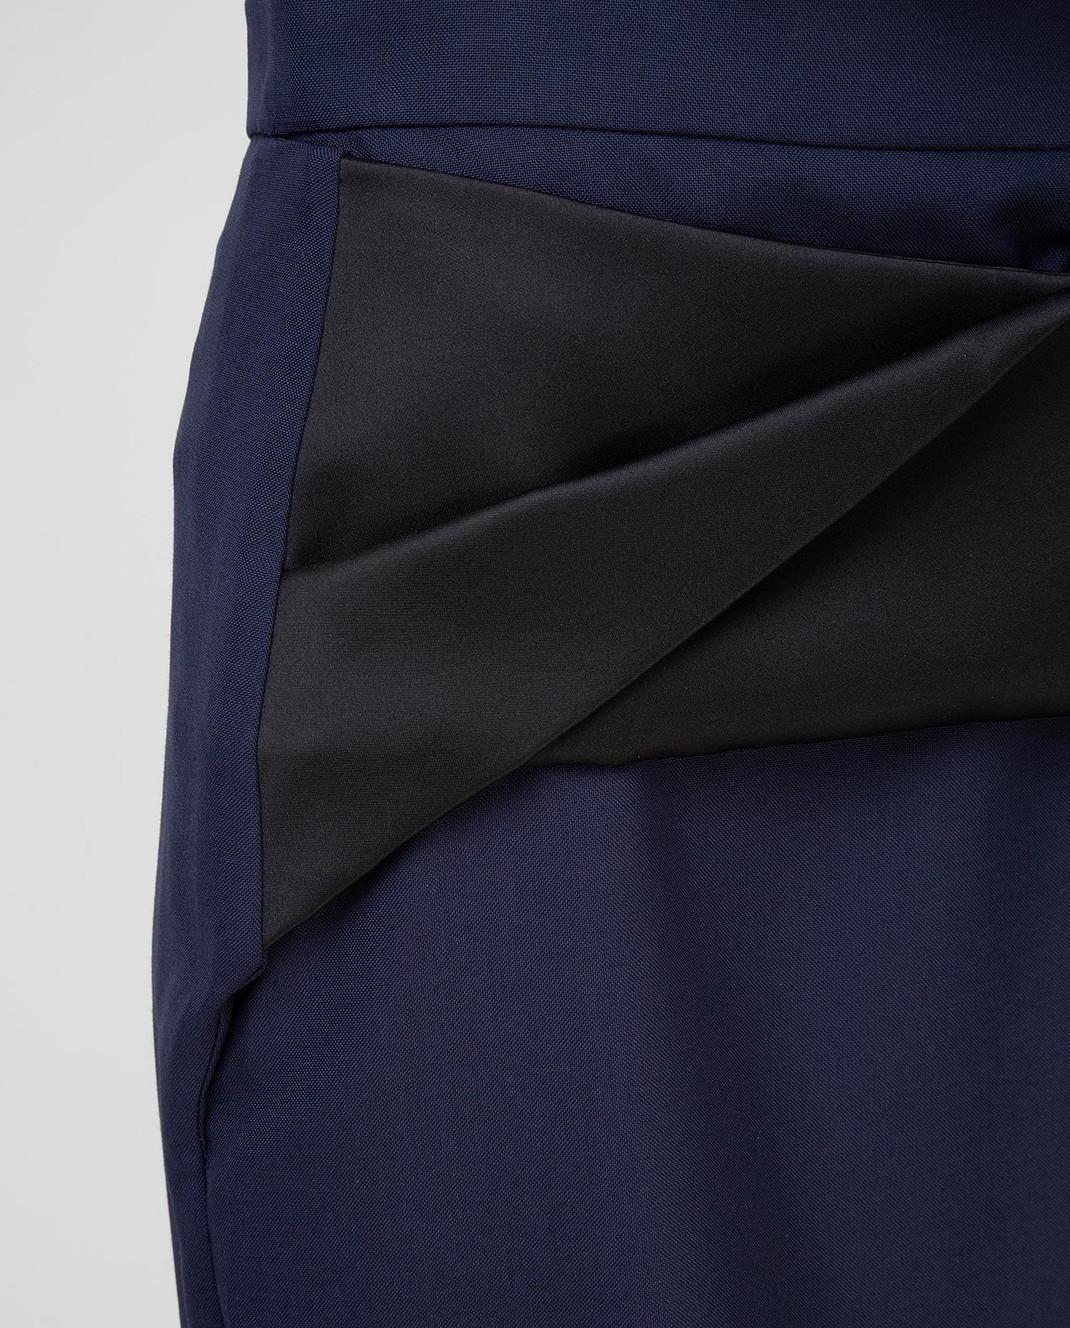 Balenciaga Темно-синяя юбка 373614 изображение 5